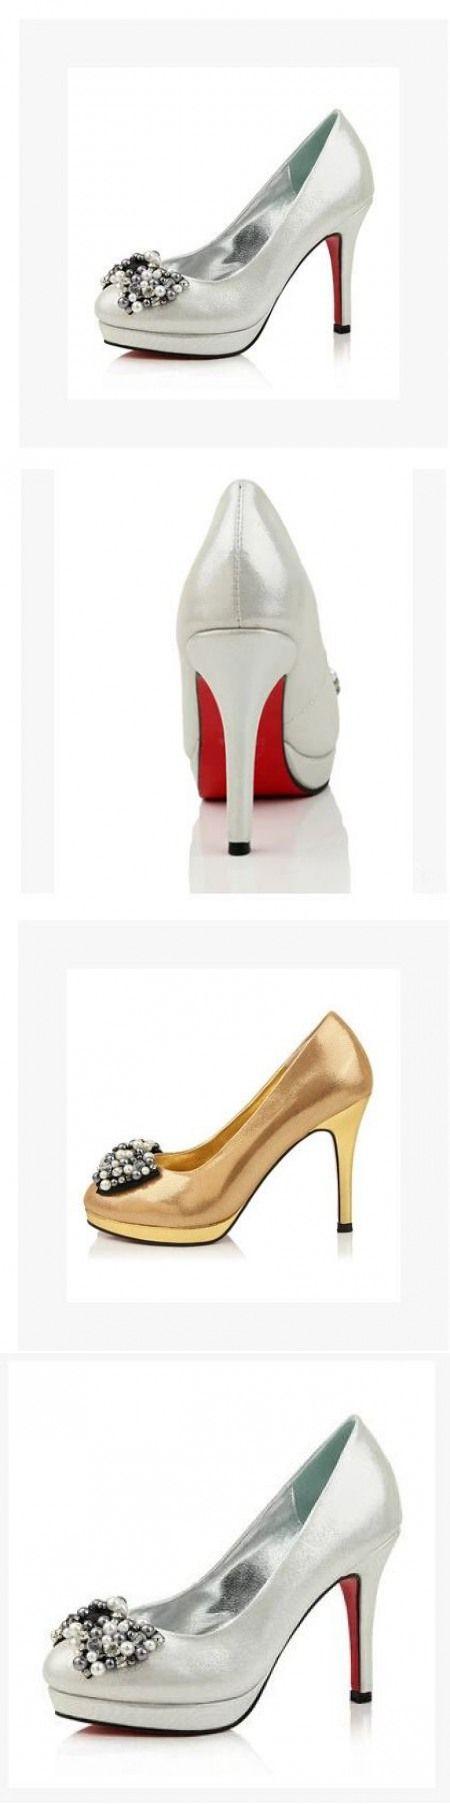 Lingerie Plus Pumps Naughty Sandles Beach Shoes Brides Maid Stiletto Matures…